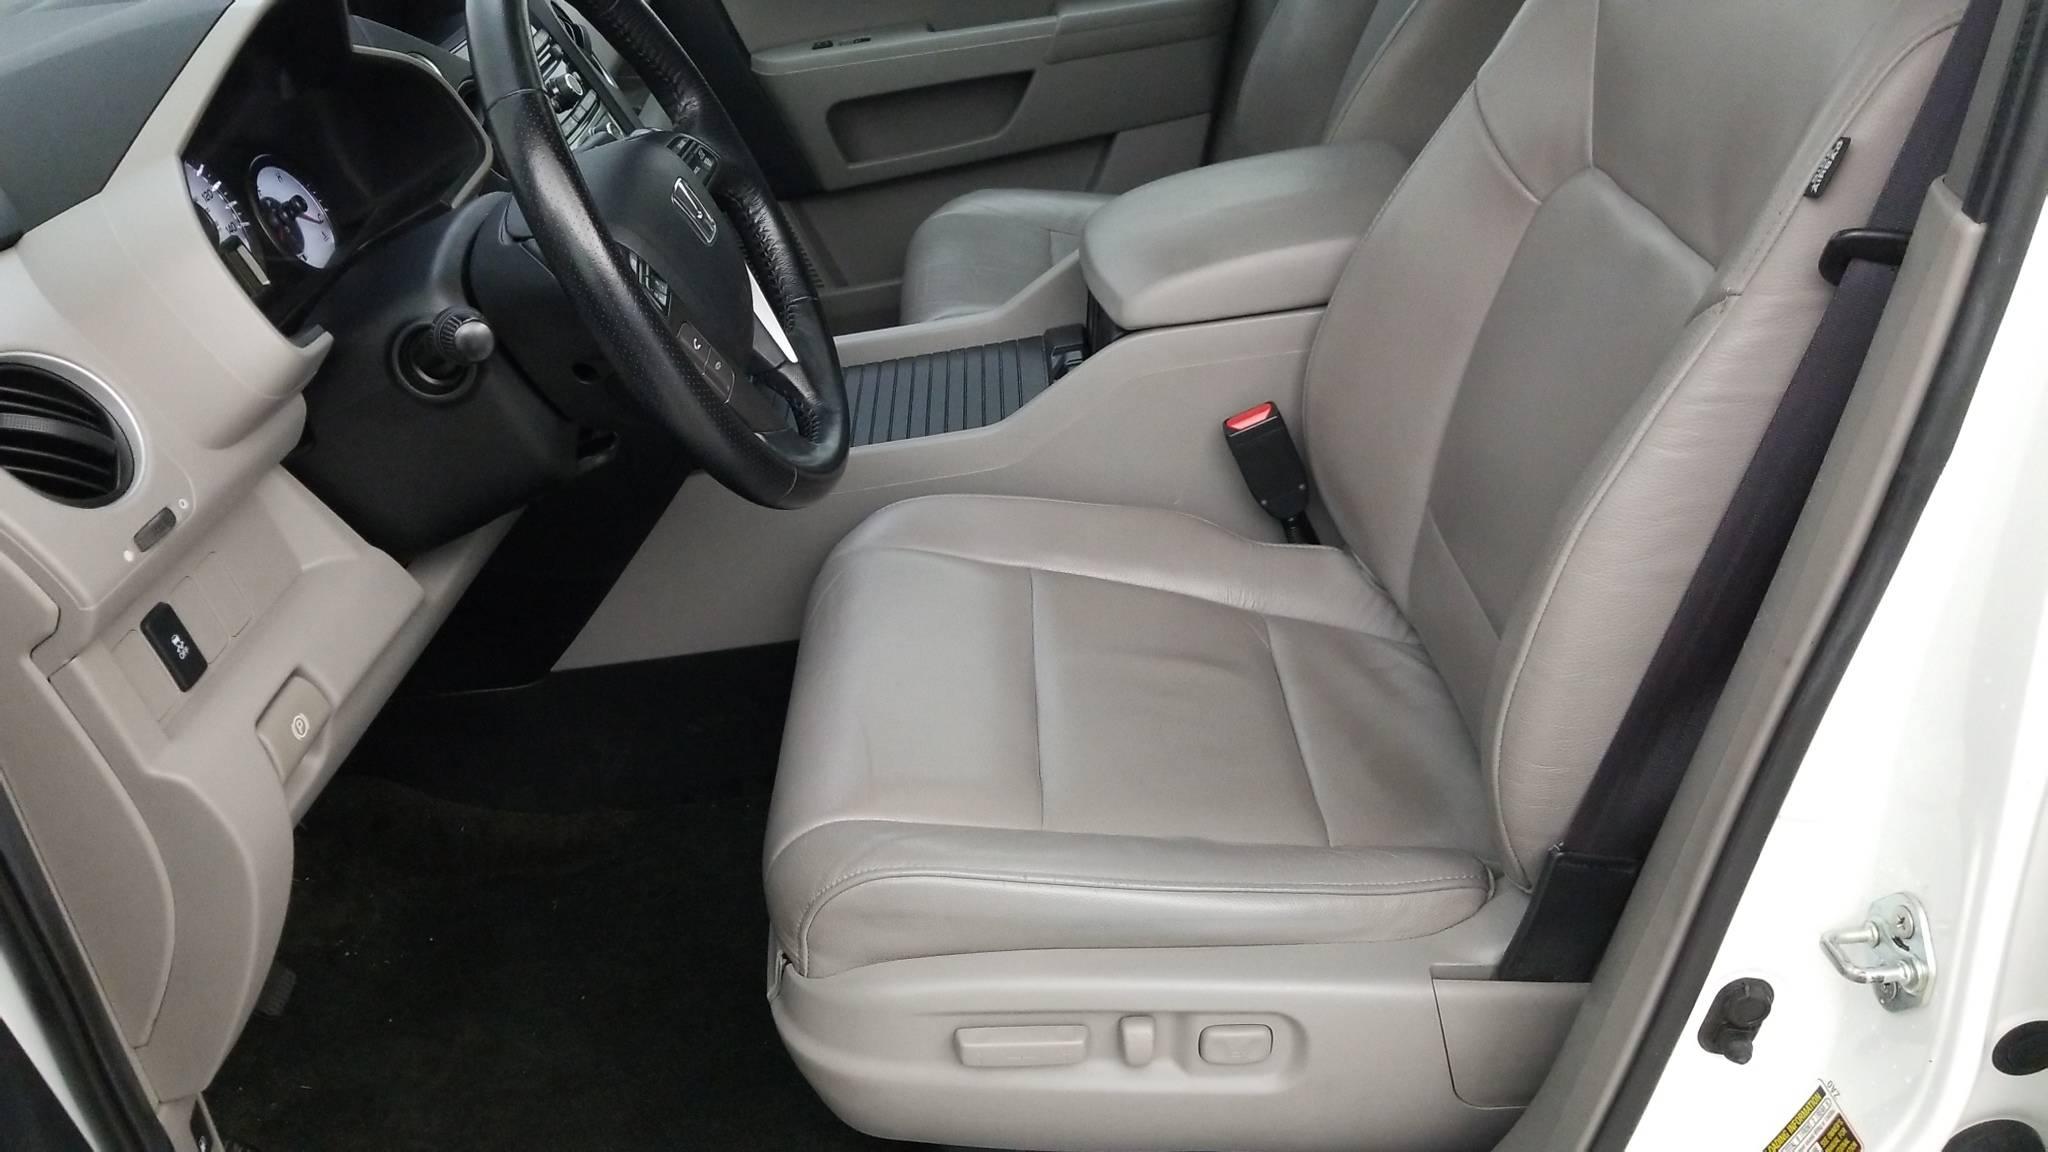 Pre-Owned 2014 Honda Pilot EX-L